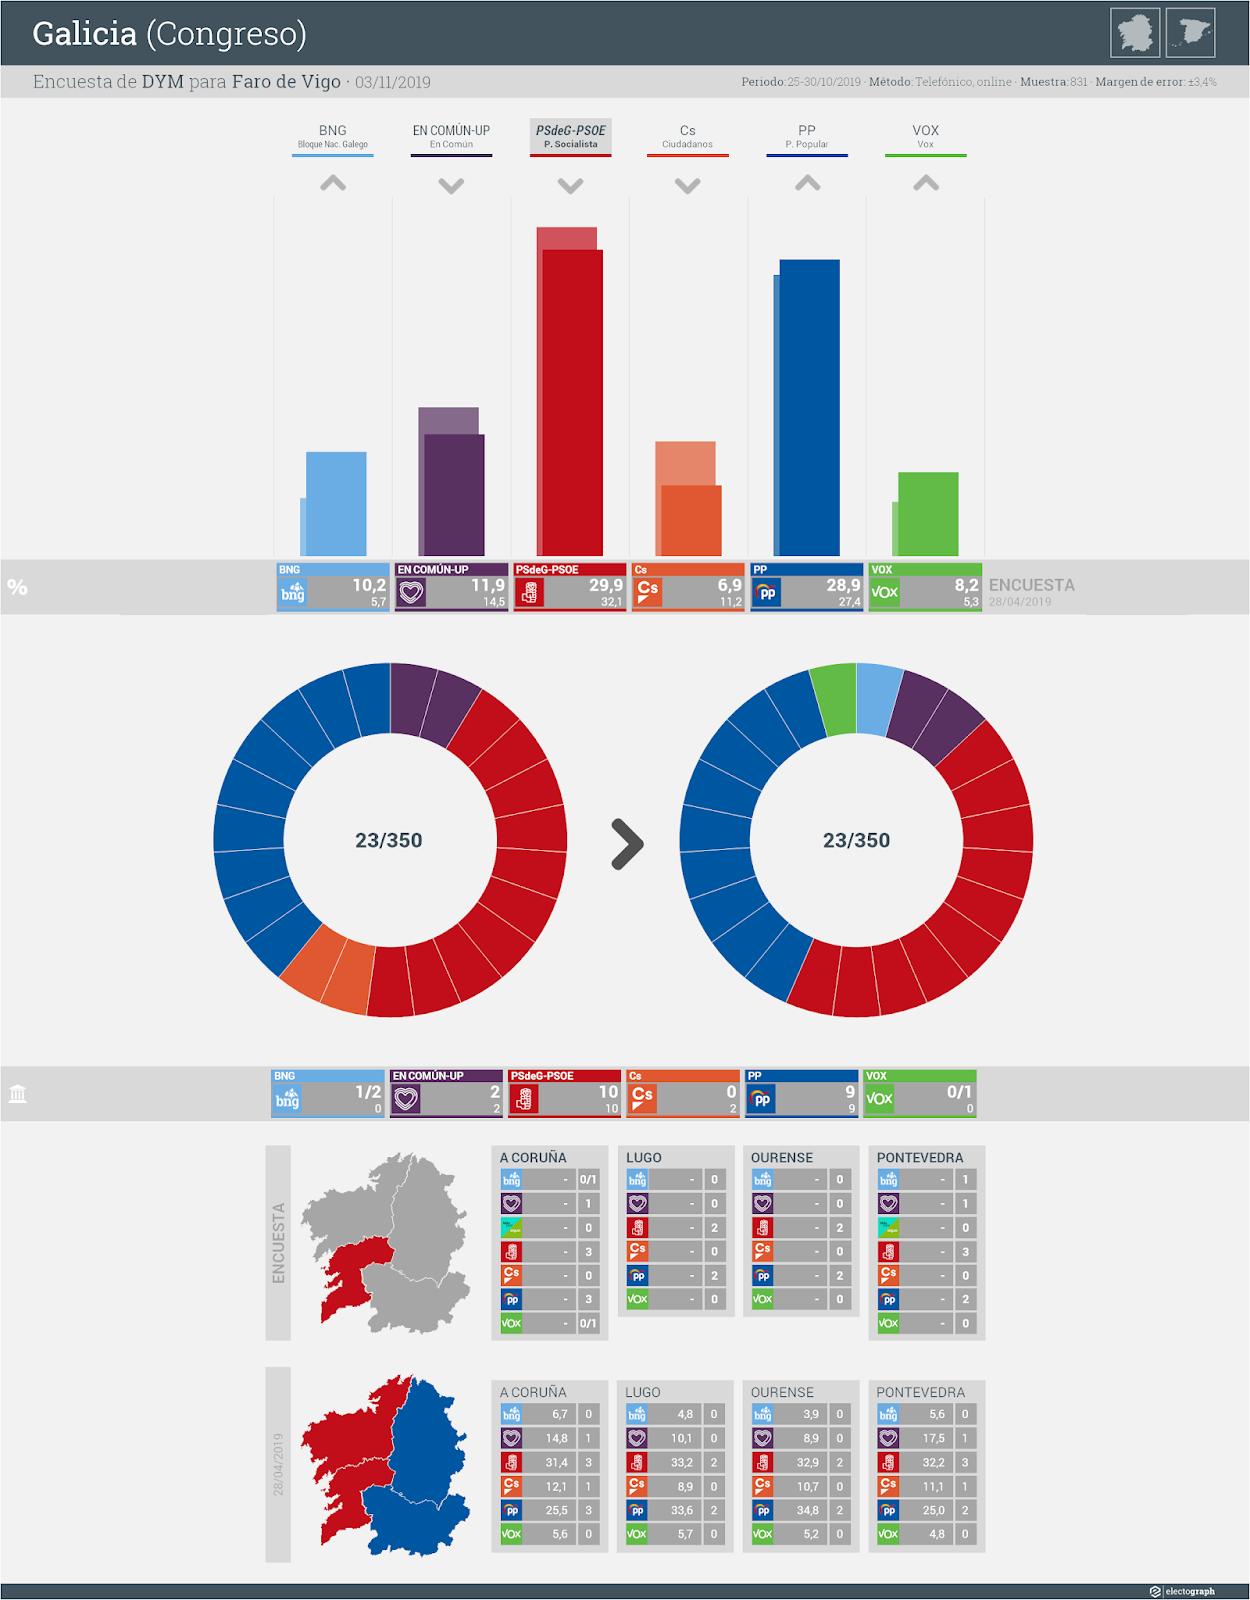 Gráfico de la encuesta para elecciones generales en Galicia realizada por DYM para Faro de Vigo, 3 de noviembre de 2019